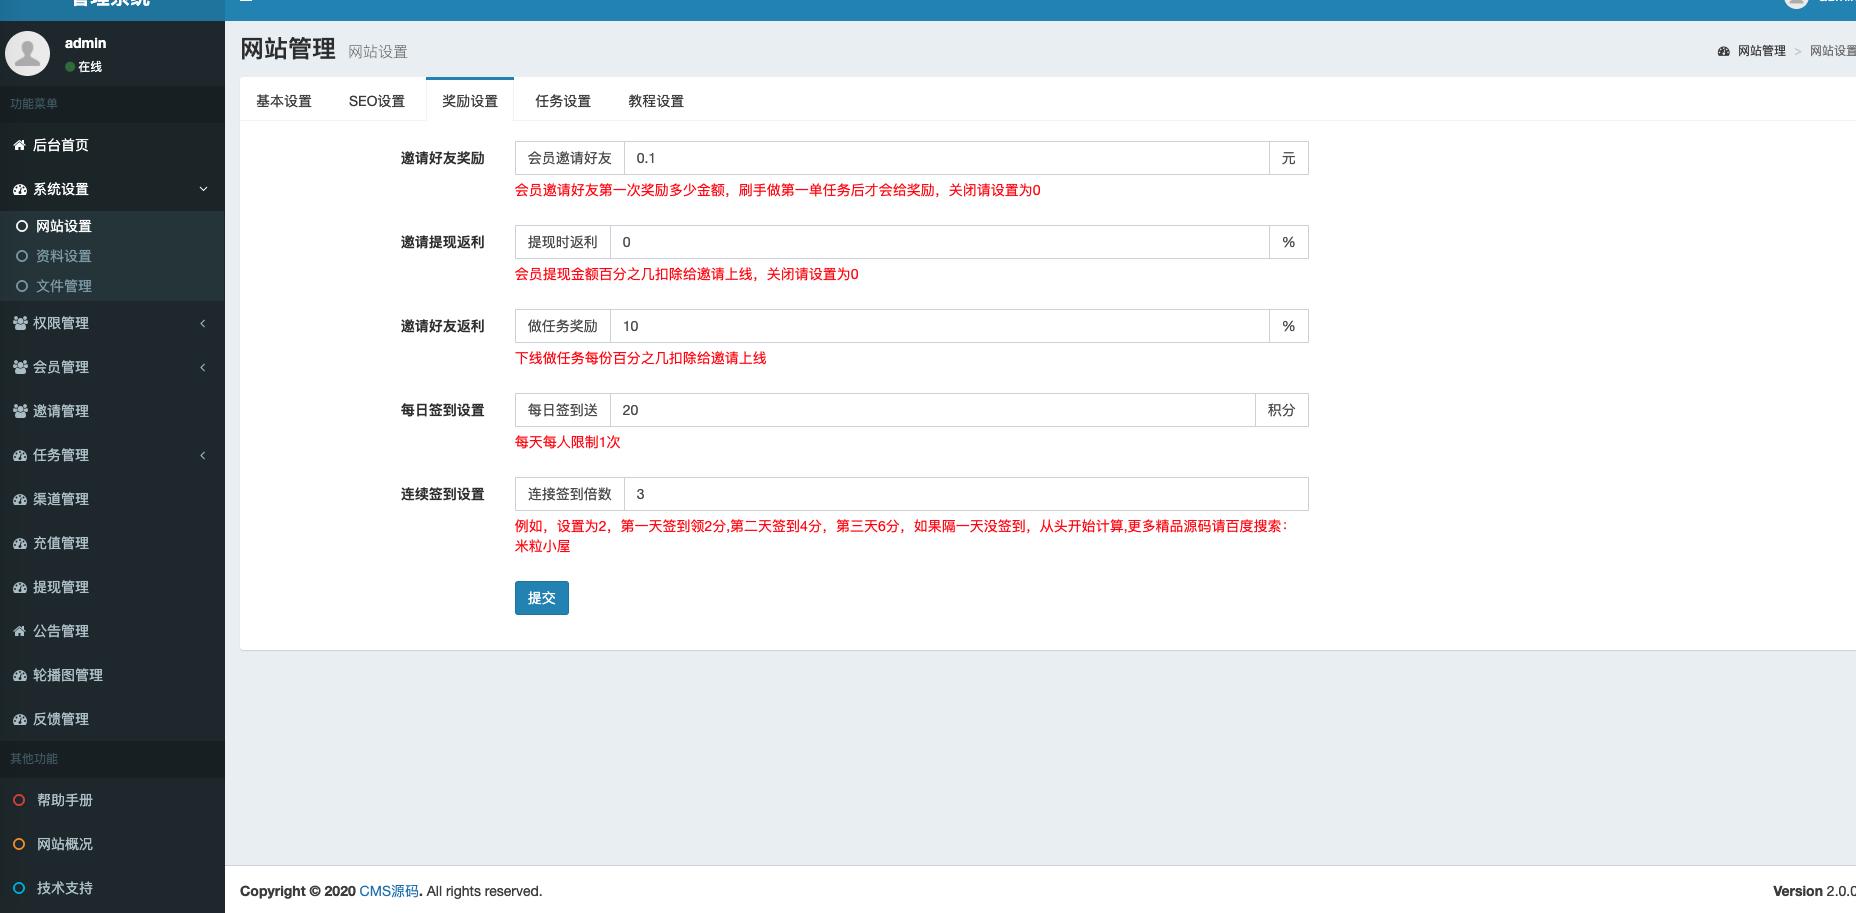 【亲测源码】橙色UI悬赏任务平台系统源码完美运营站长亲测支持封装APP插图1